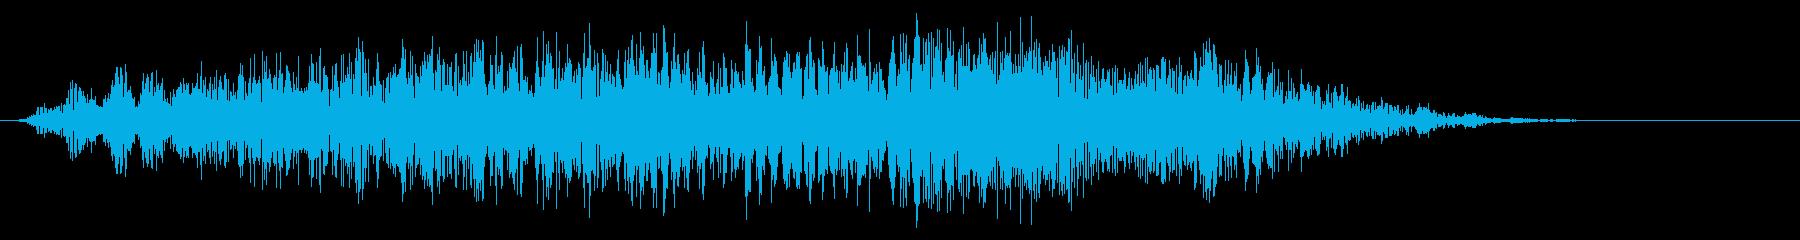 怪物の鳴き声(咆哮)の再生済みの波形